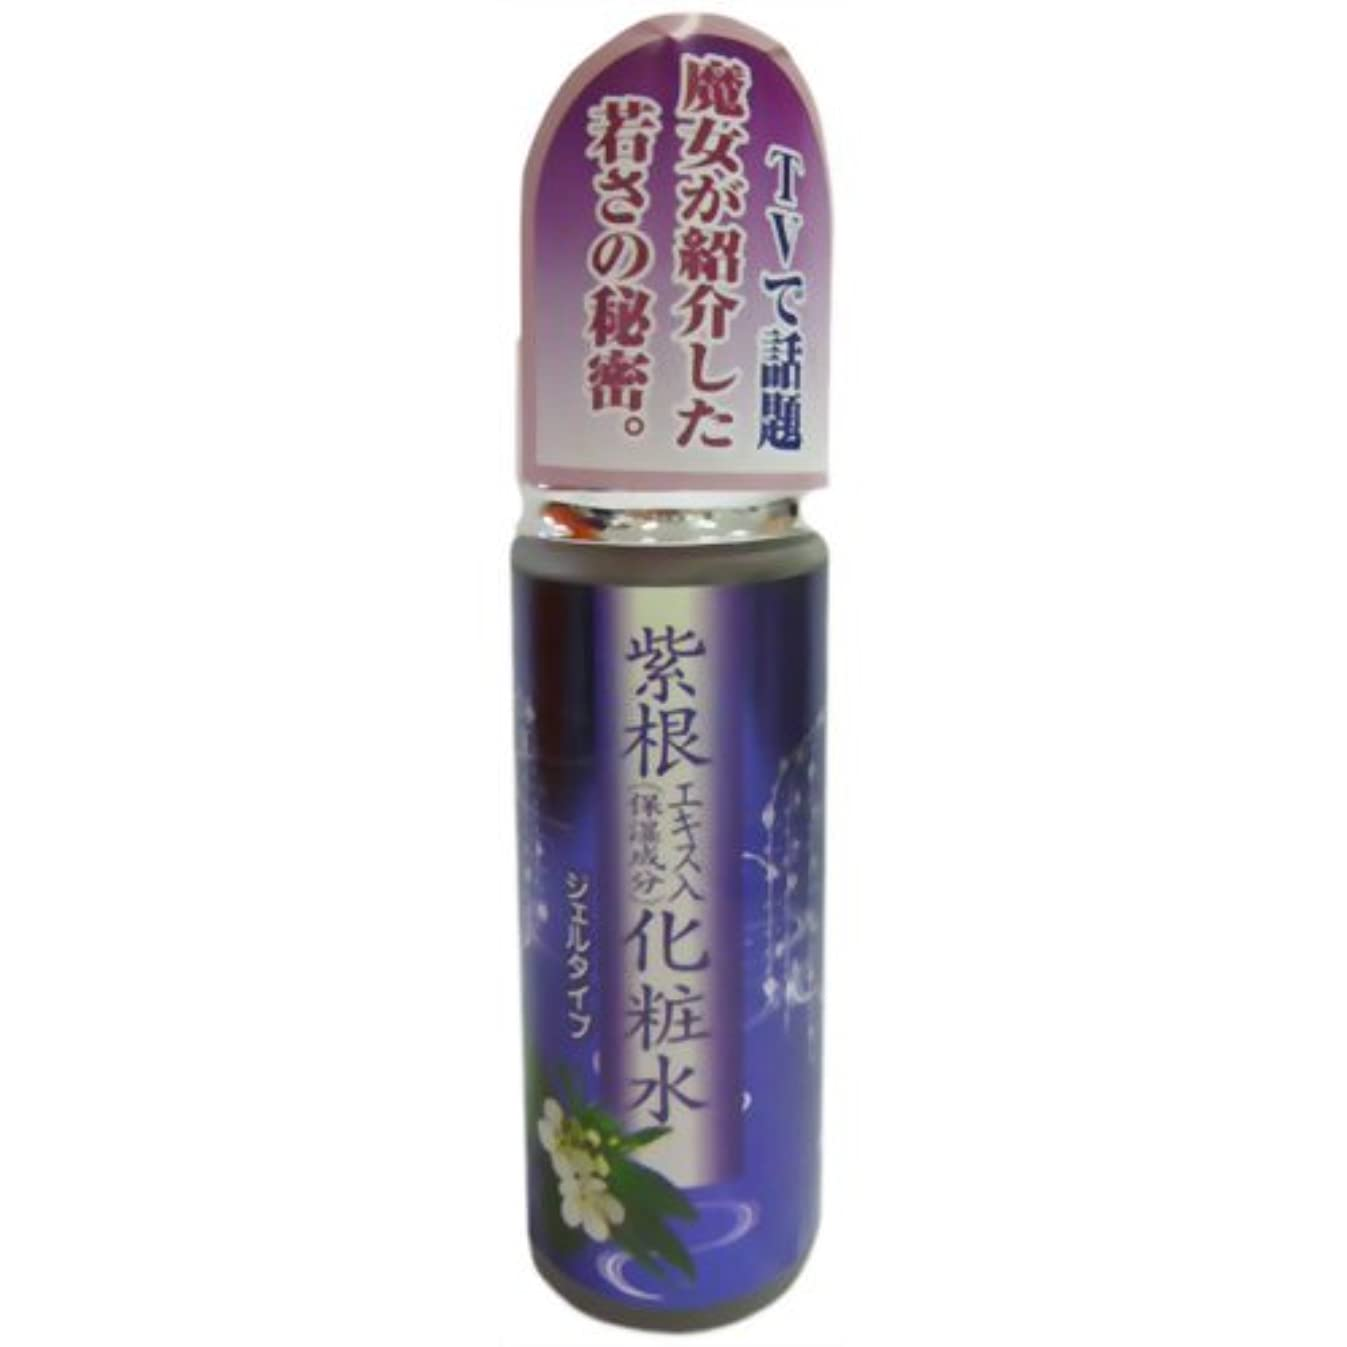 ことわざ魅了するコスト紫根ジェルローション 120ml